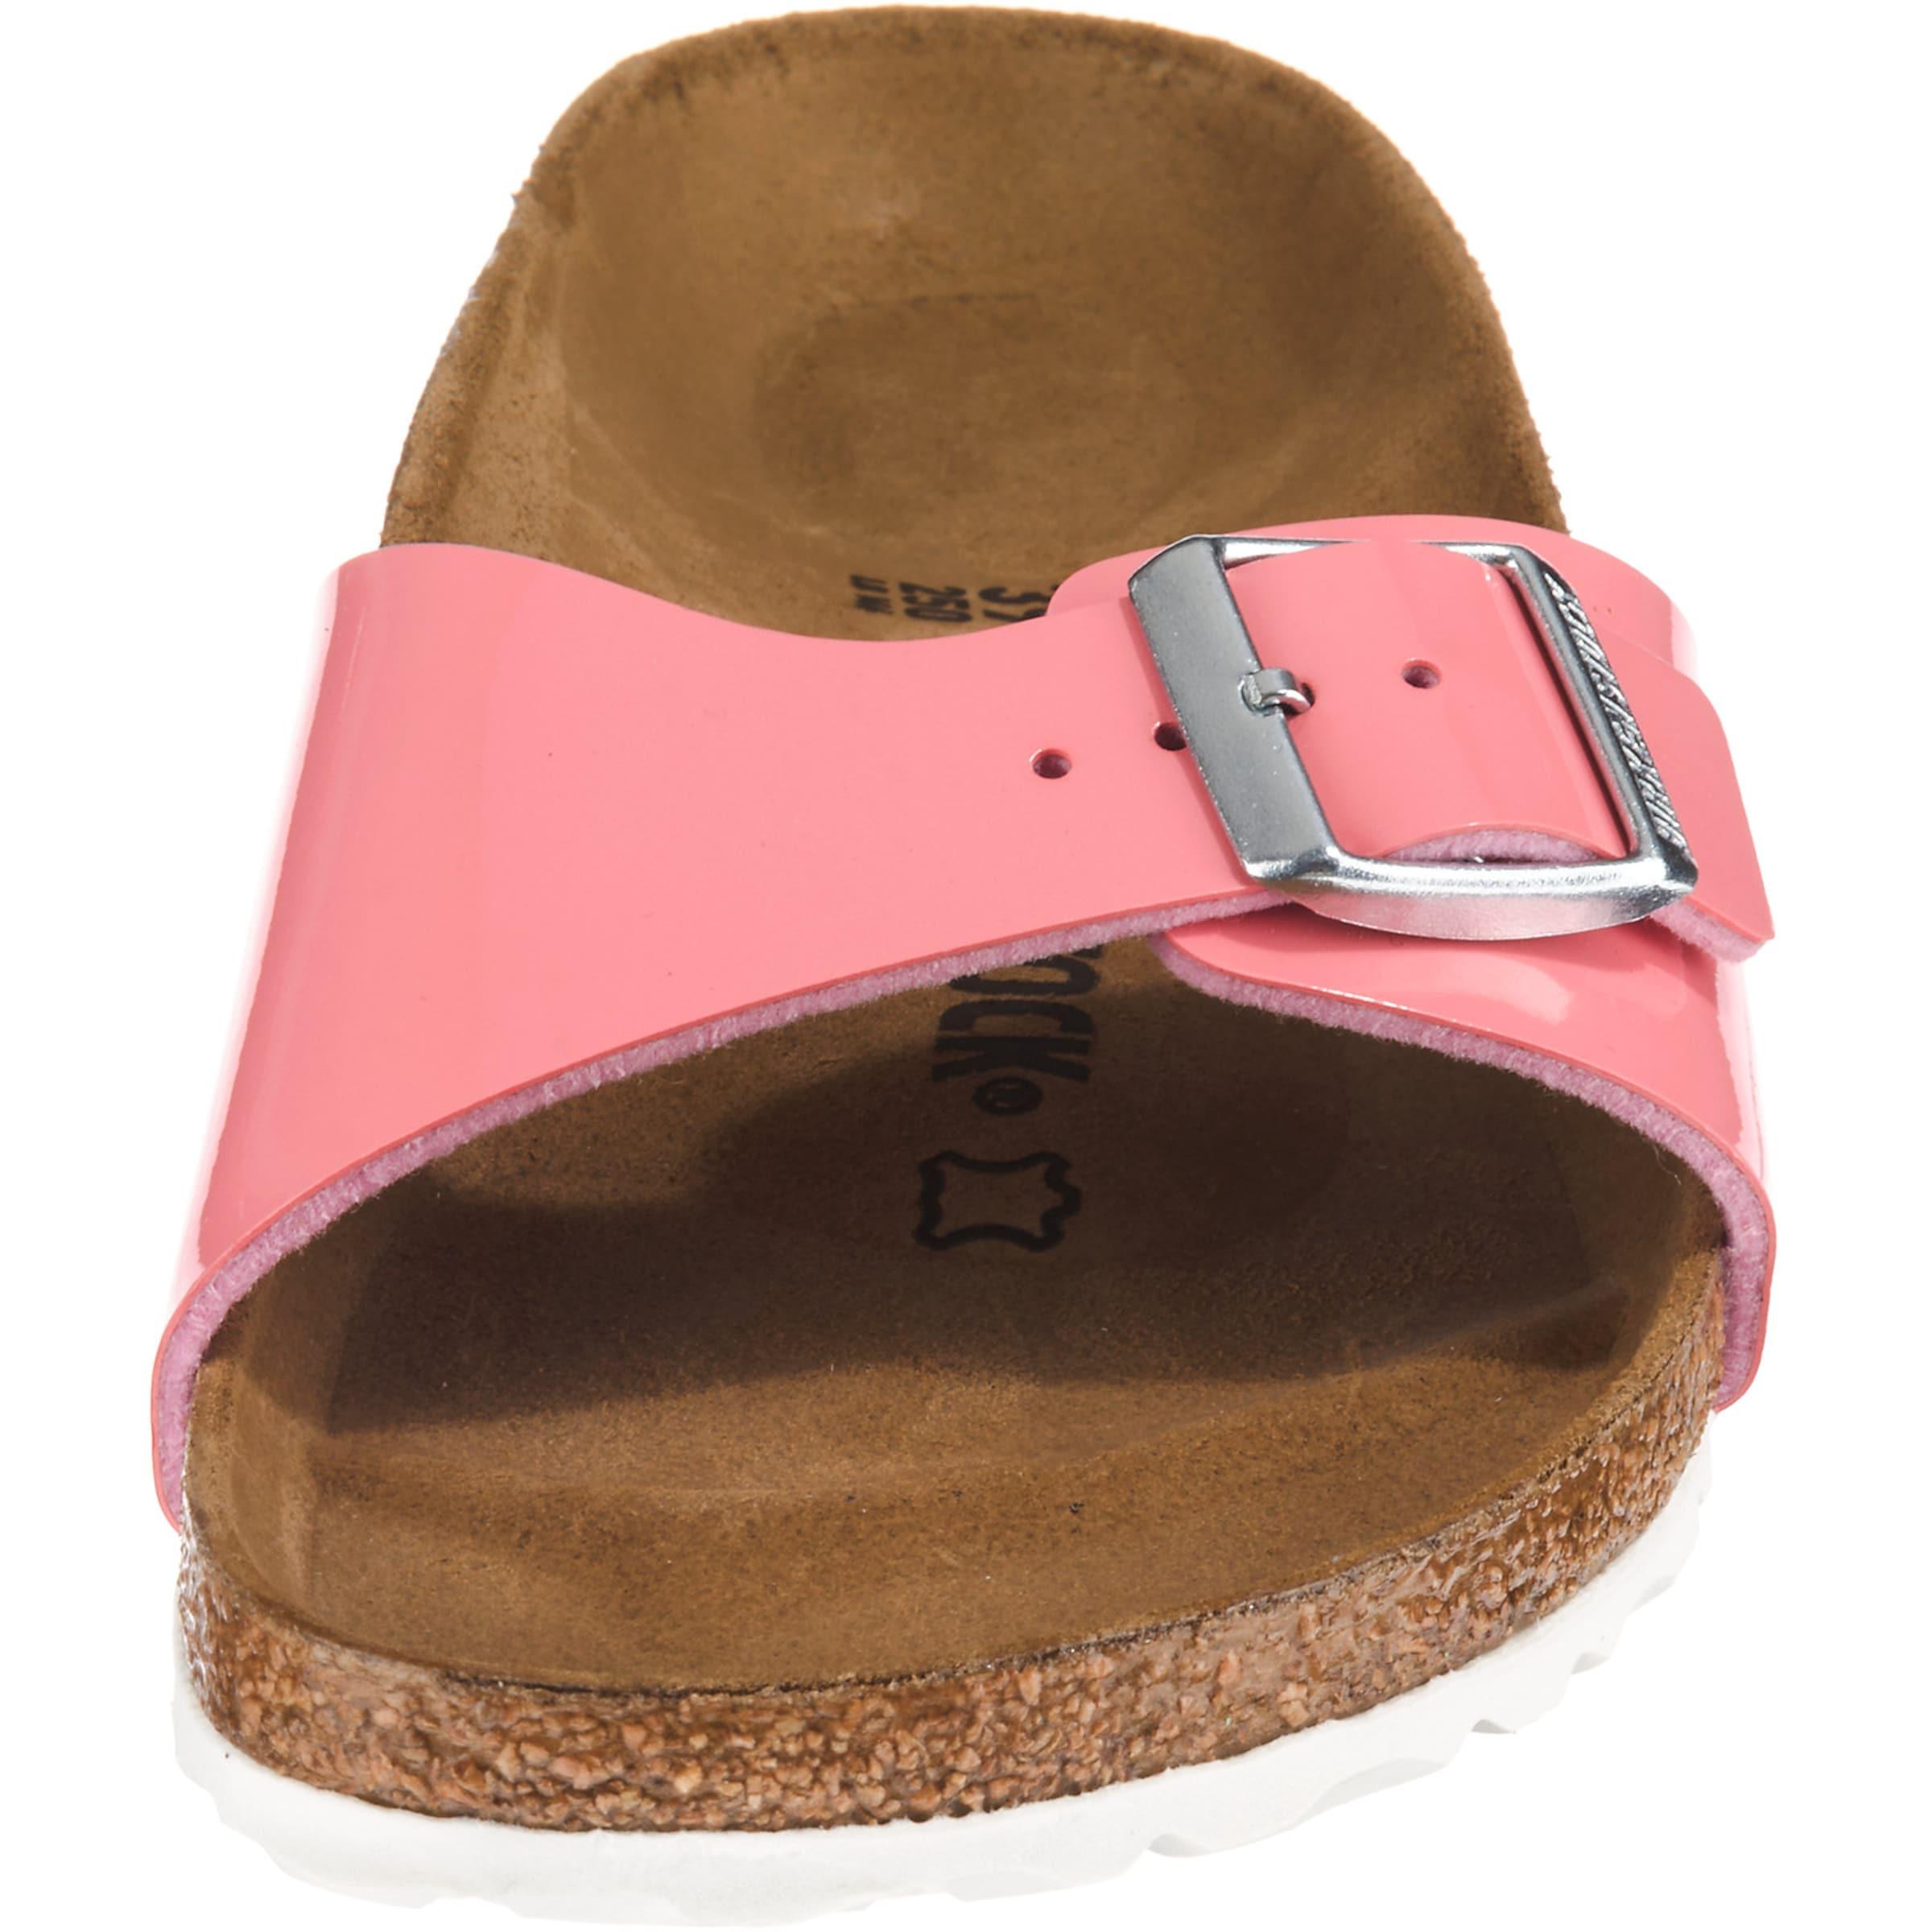 In Birkenstock Lack' Pink Pantolette Bf 'madrid I6yYbm7gvf